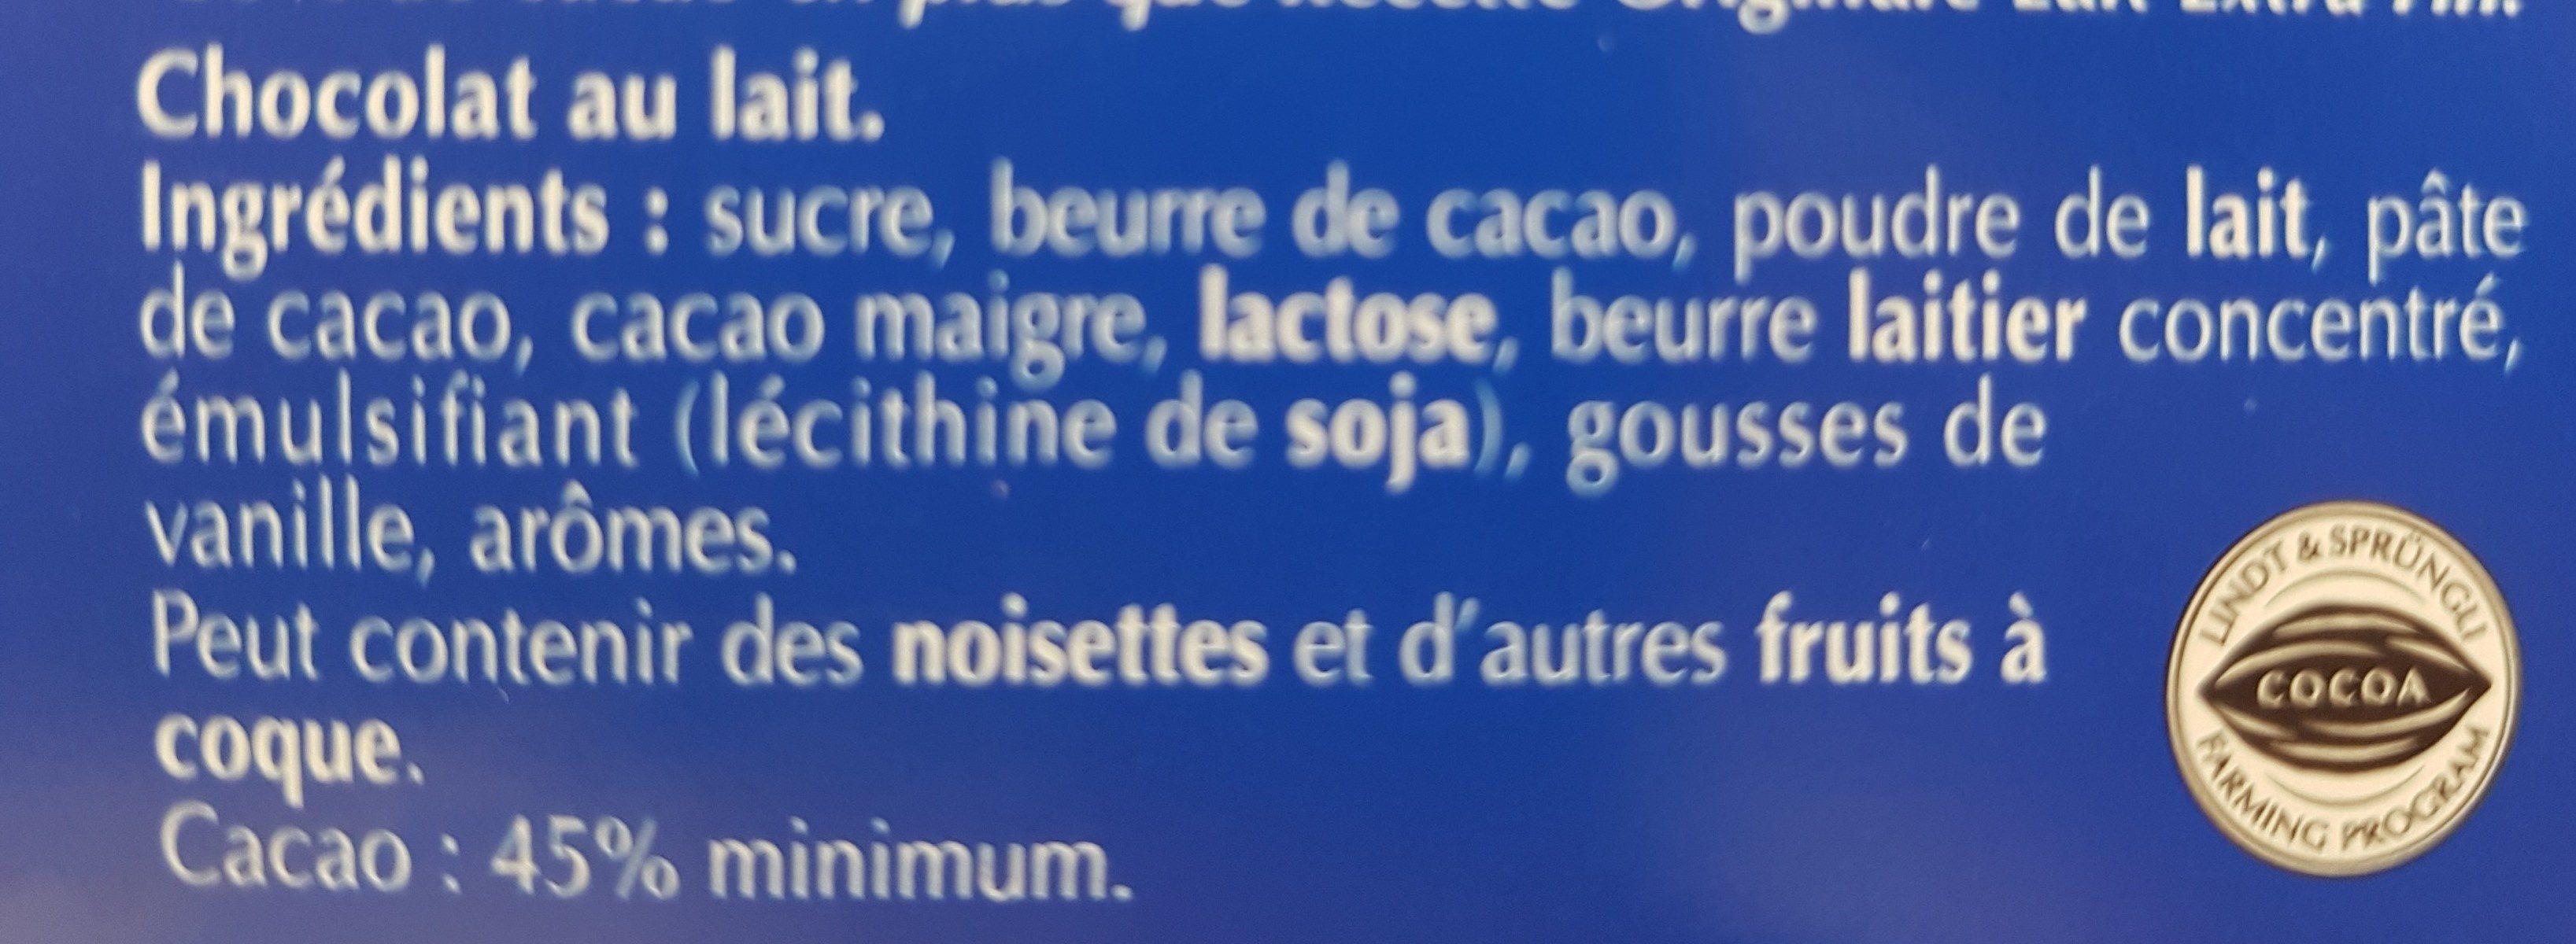 Chocolat au lait intense en cacao - Ingrédients